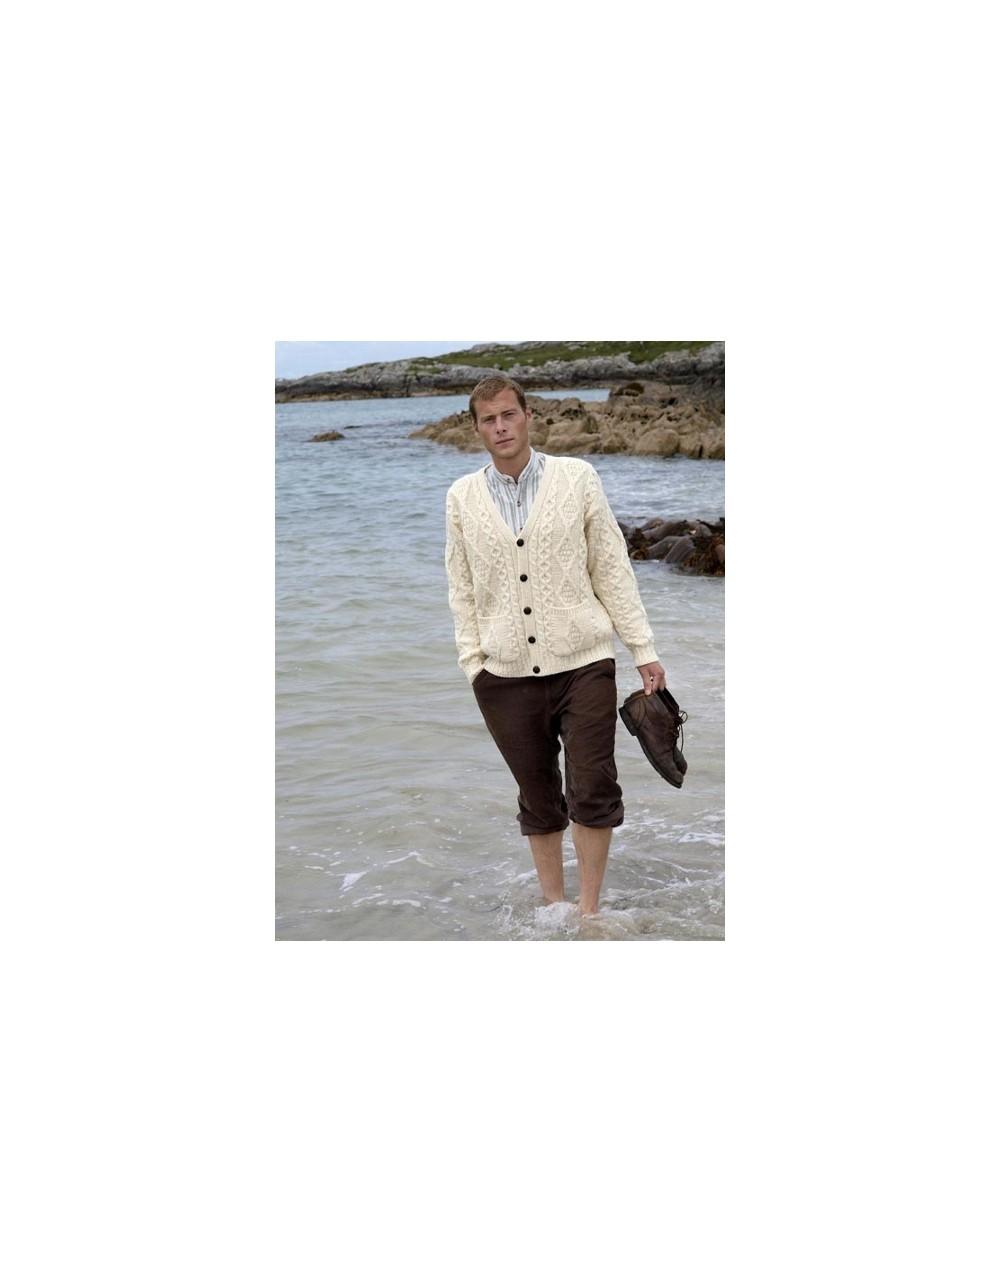 V Neck Aran Cardigan|Aran Cardigans Men|Irish Handcrafts